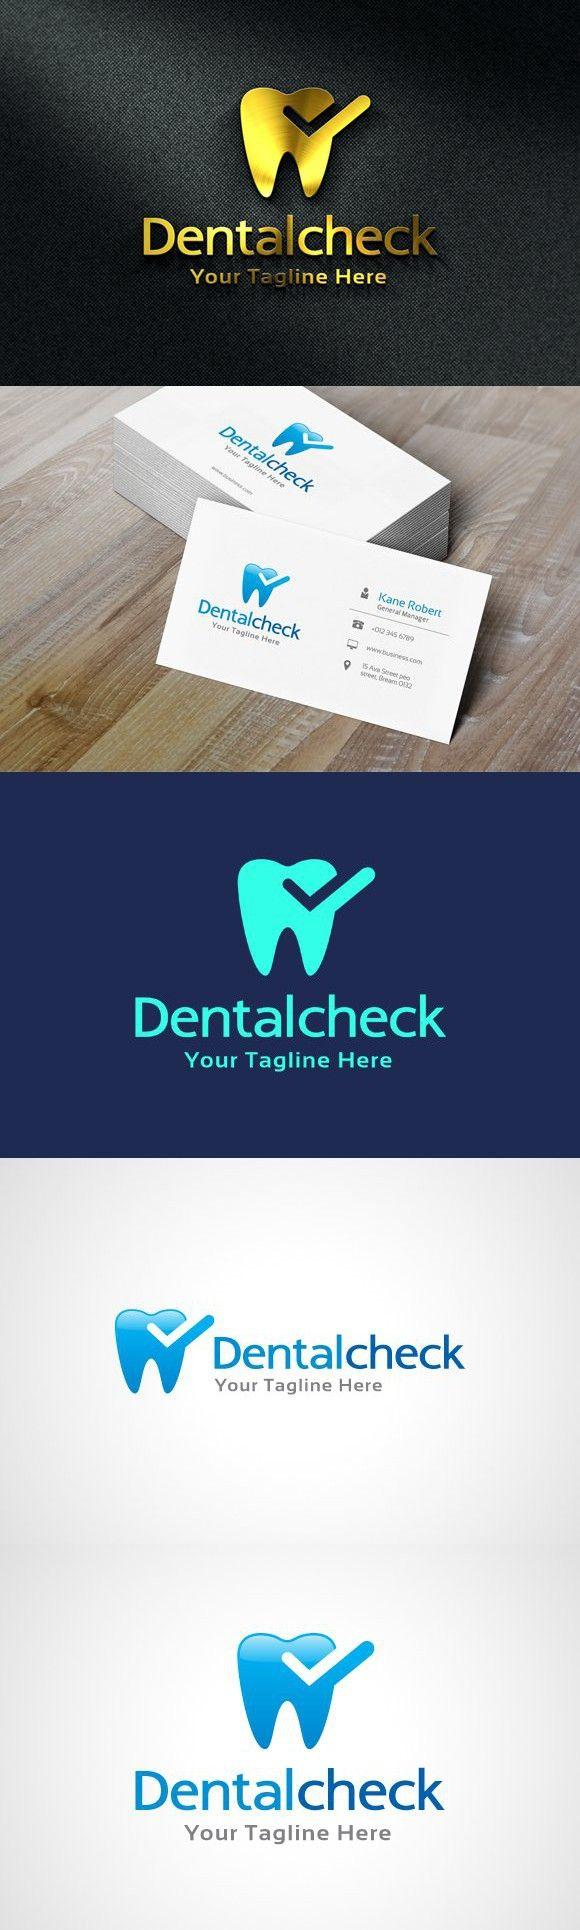 Dental Check Logo Template in 2020 Logo templates, Logos